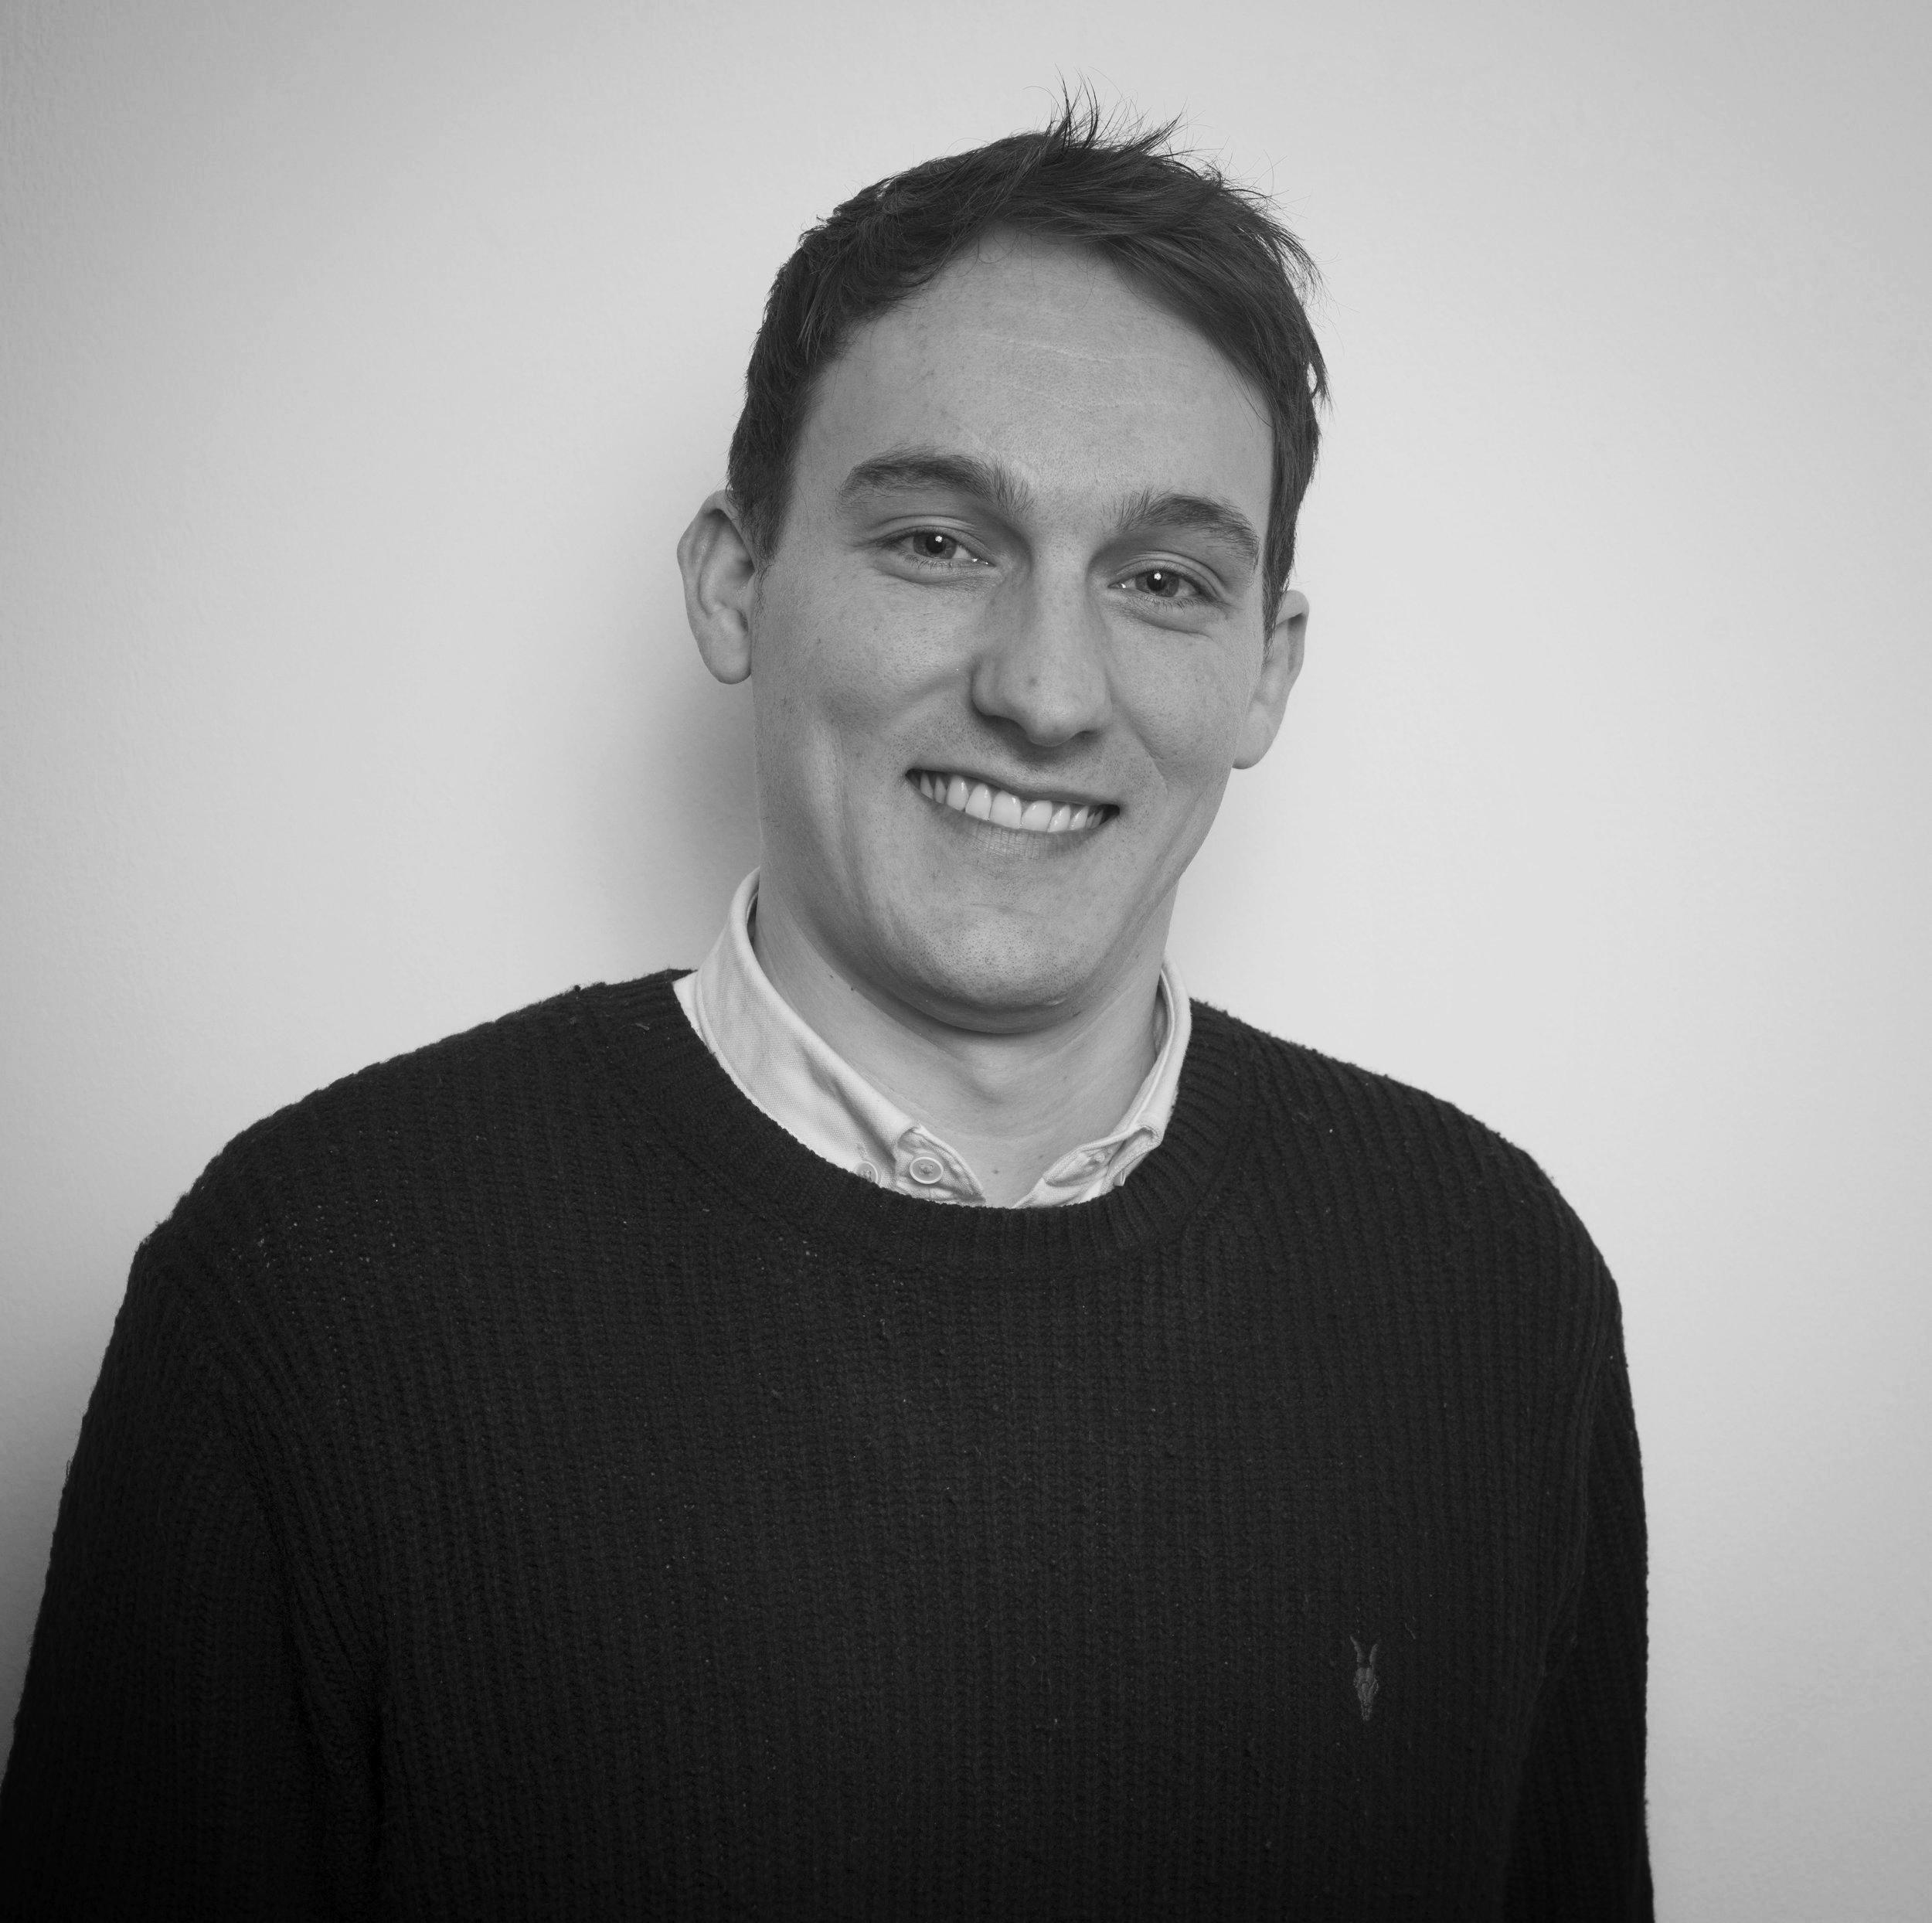 <b>Benedict Bunyard</b><br>Account Executive, Creative